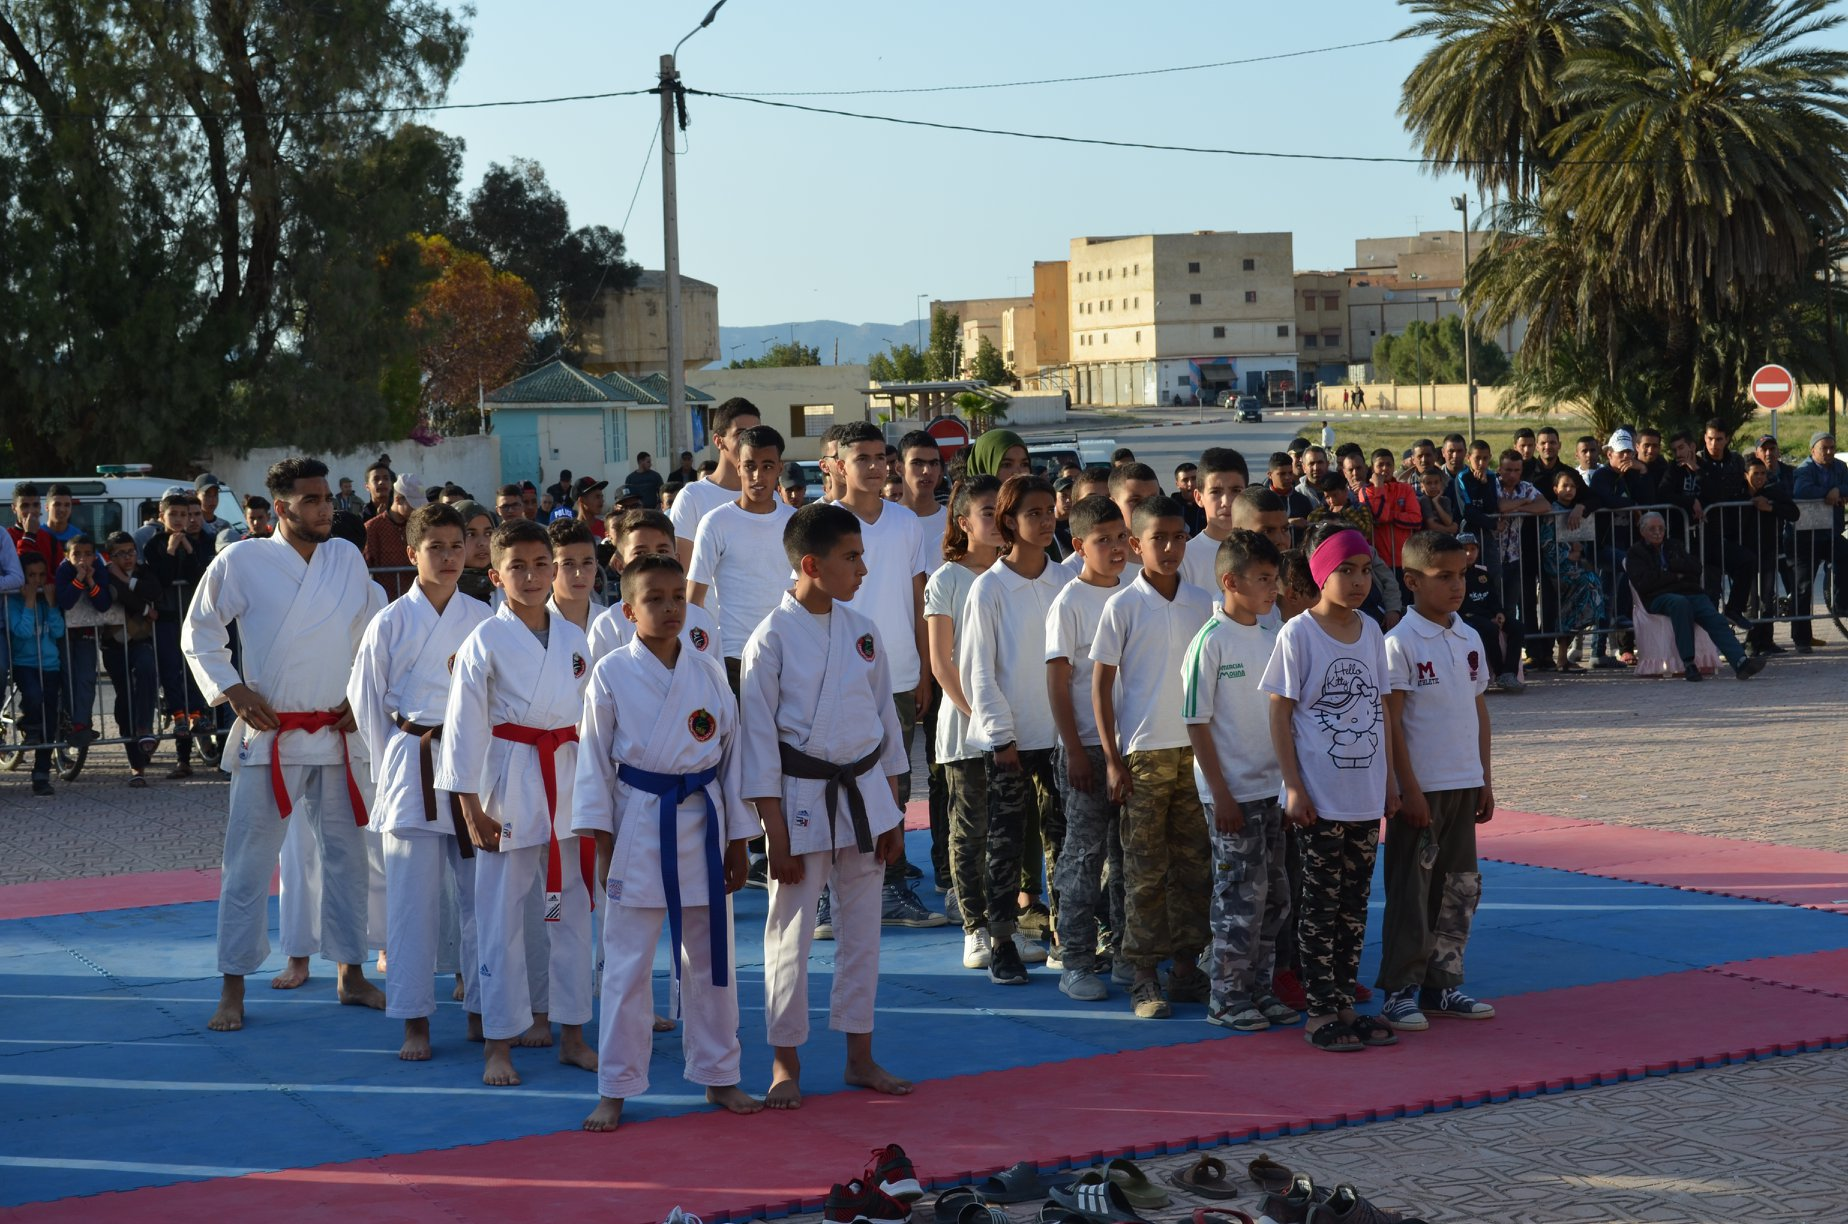 جمعية شباب المستقبل للرياضات تكرم ابطالها الحاصلين على بطولة المغرب في رياظة الكريلينك فايت